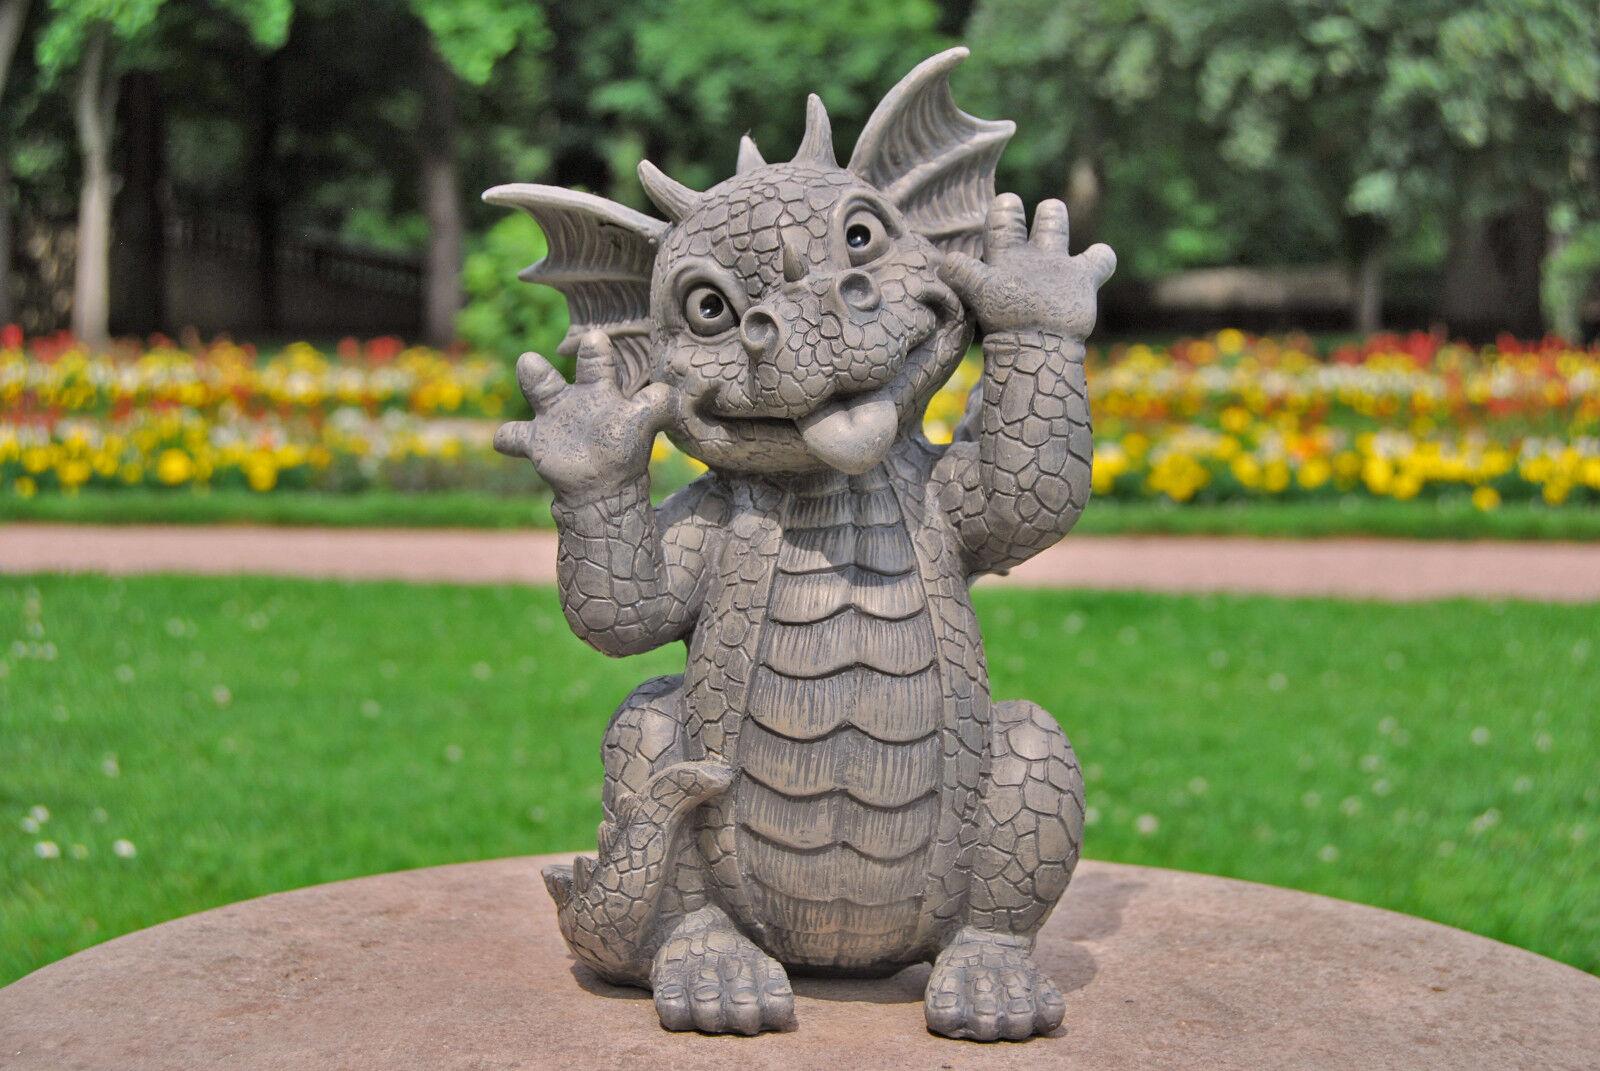 Gartendrache schneidet Grimassen - Gartenfigur Deko Statue Skulptur Fantasy